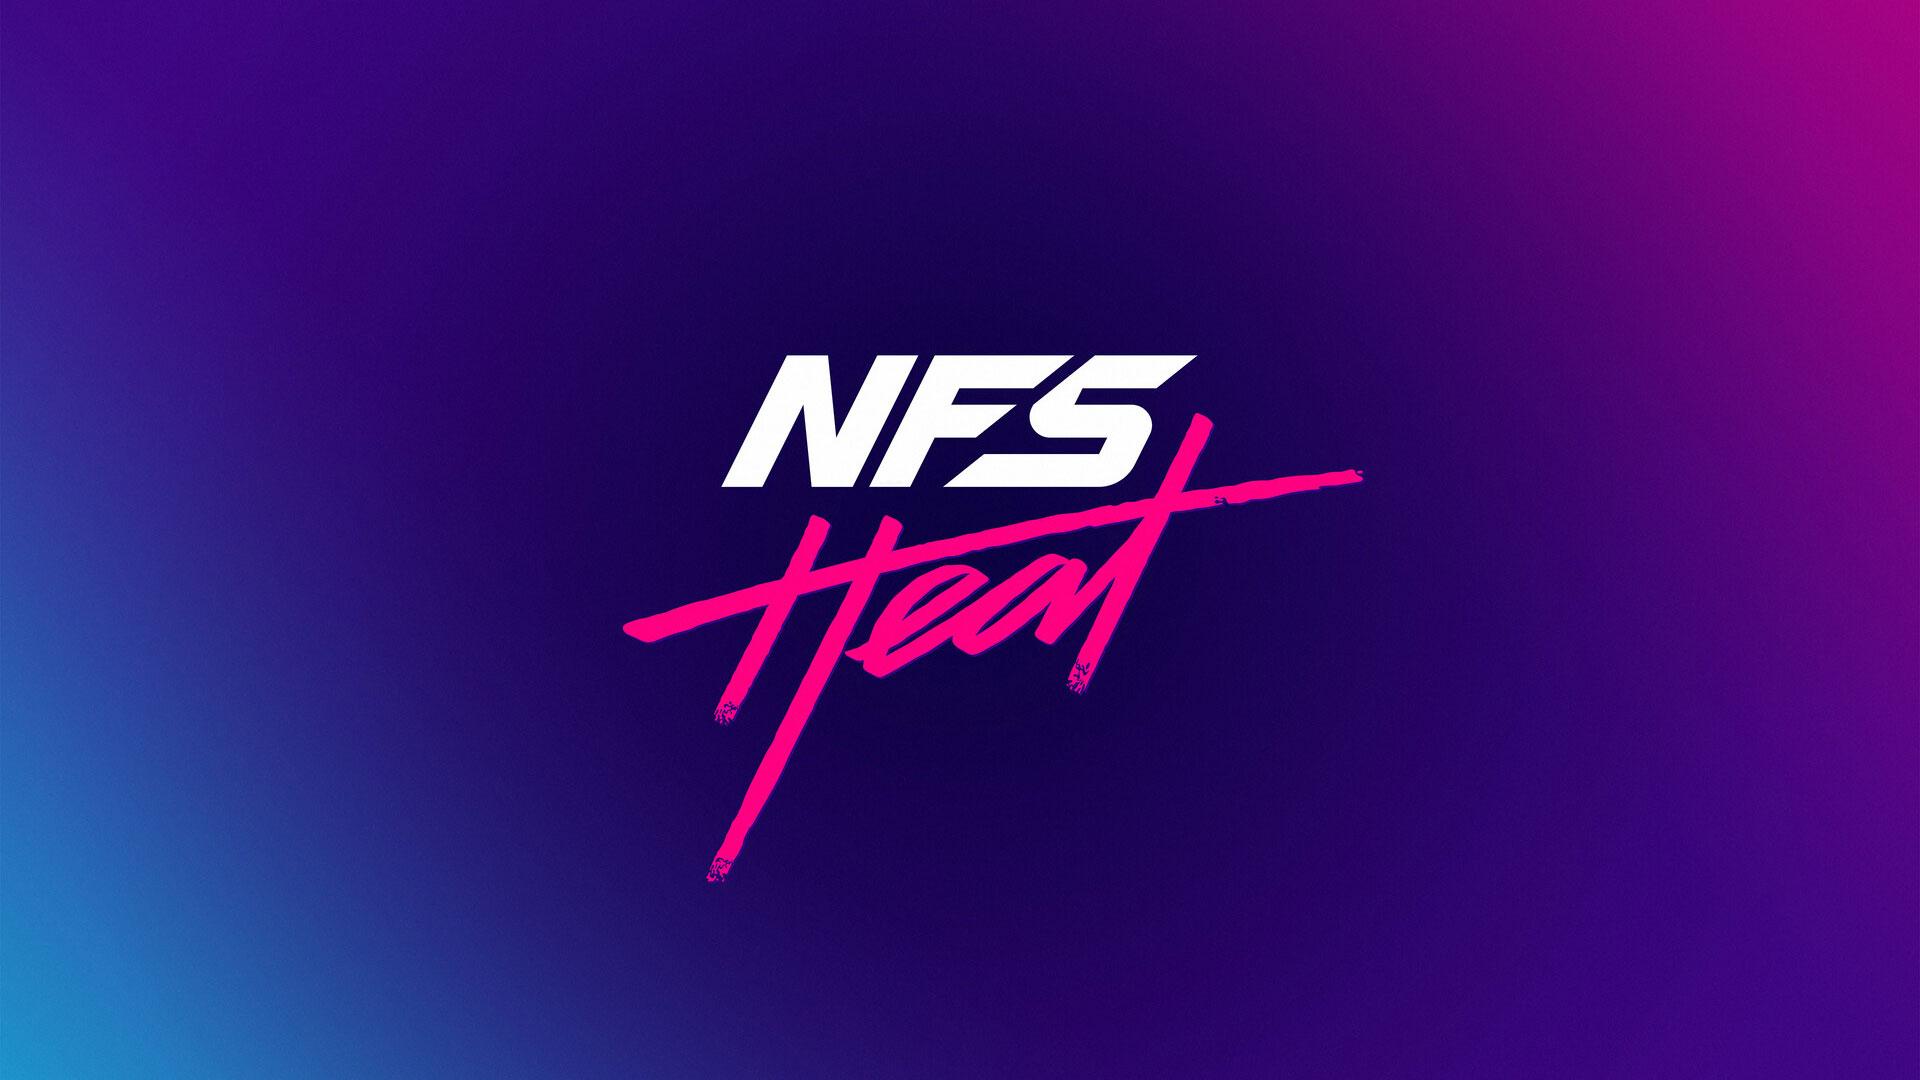 حداقل سیستم مورد نیاز Need For Speed: Heat اعلام شد